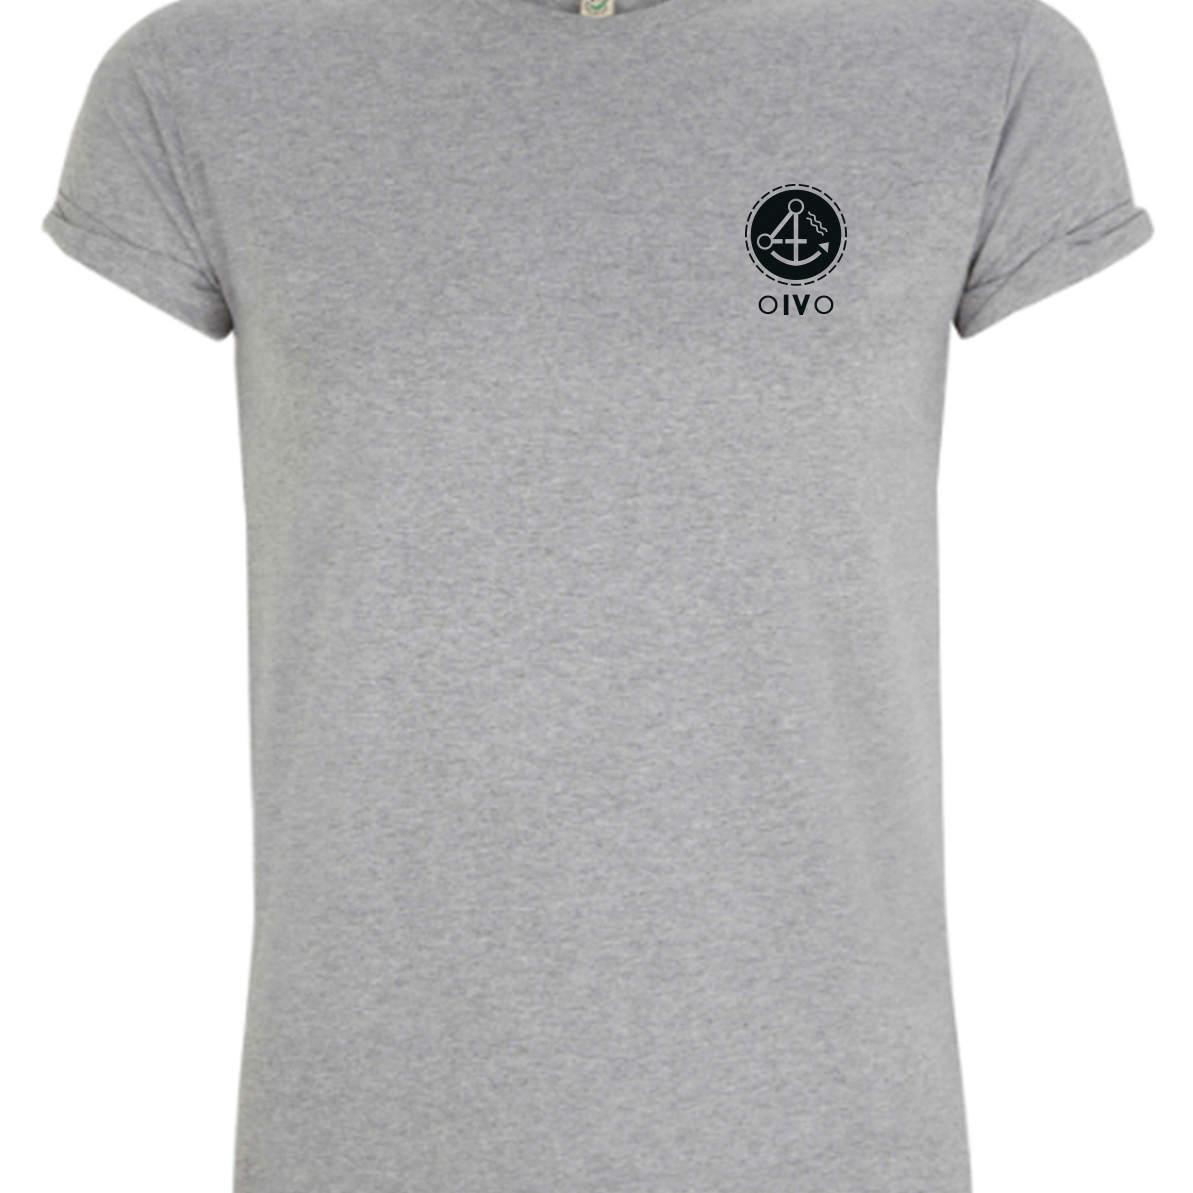 Graues T-Shirt mit schwarzen OIVO Logo auf der Brust